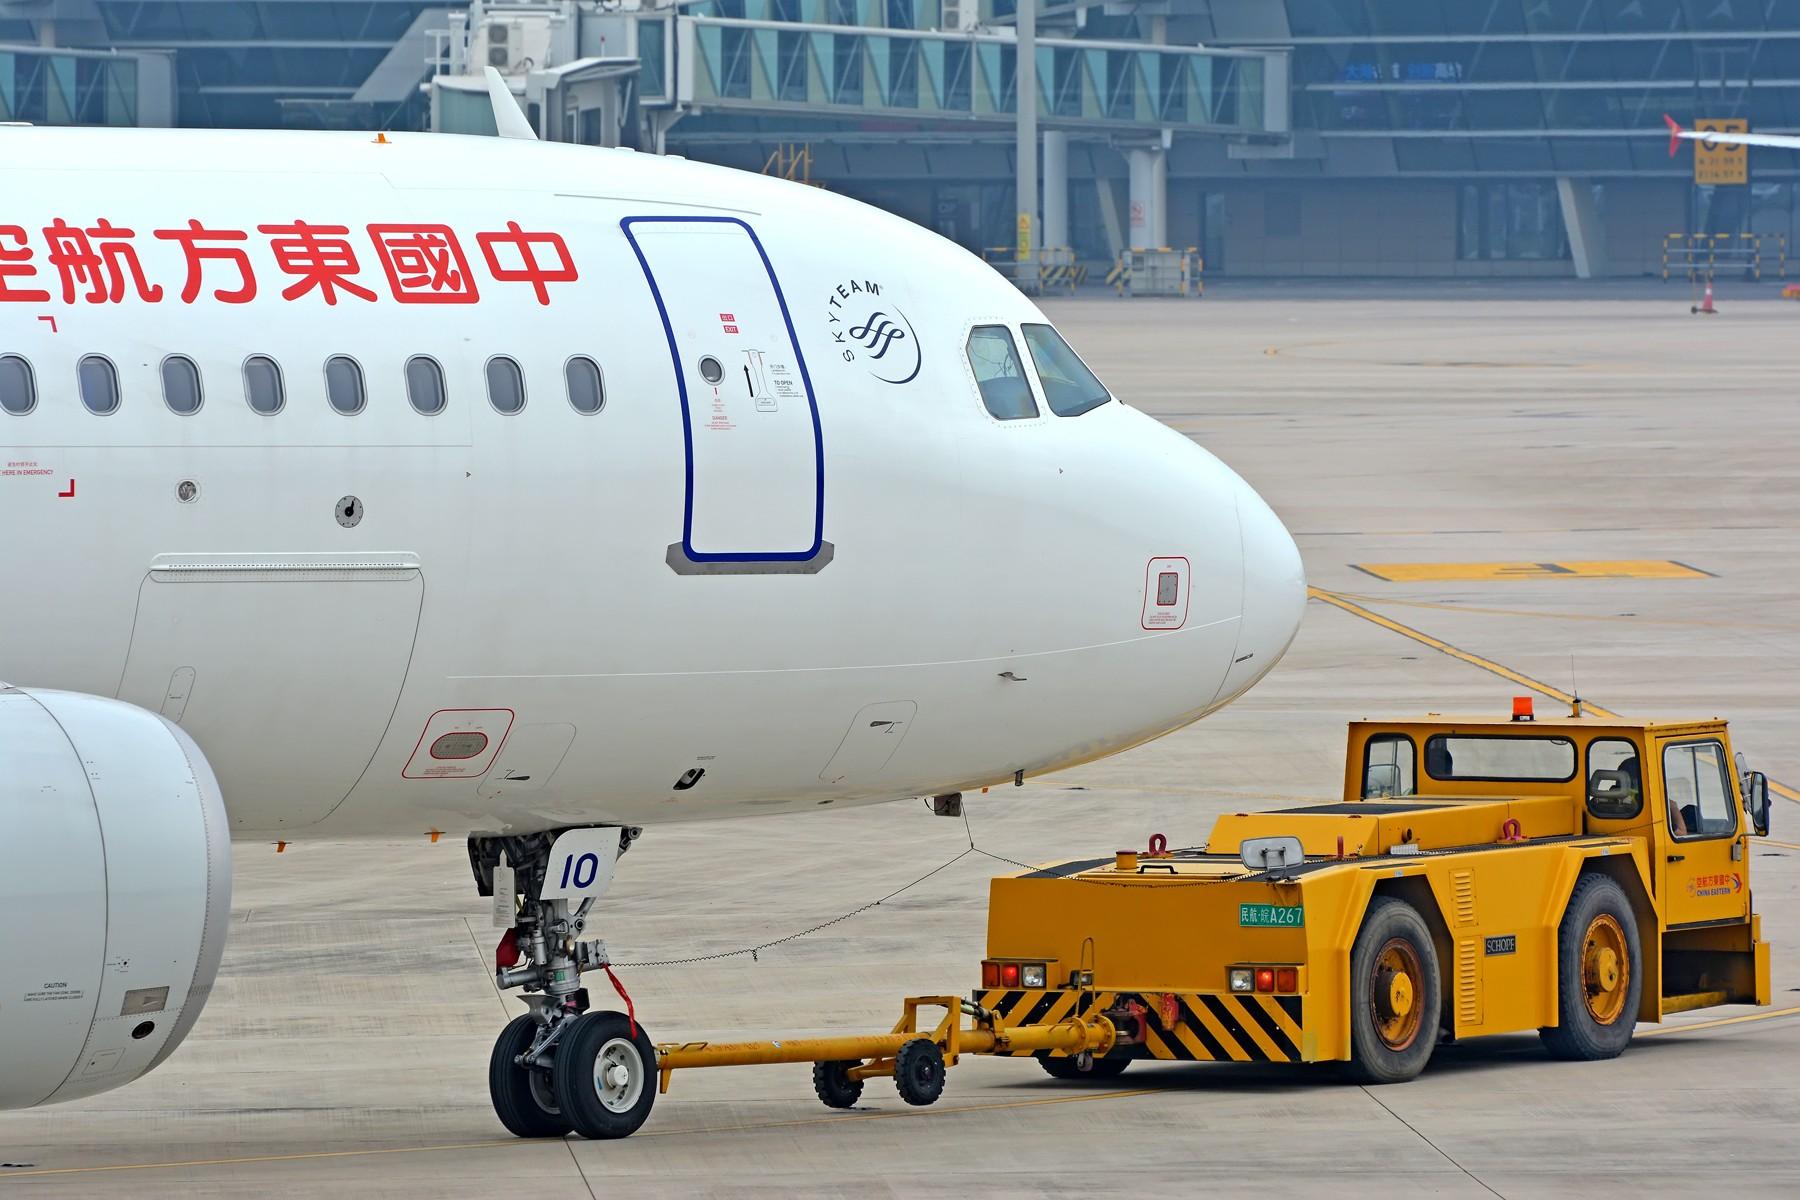 [原创]【三图党】小燕子被拖车拖走了 AIRBUS A320-200 B-1610 中国合肥新桥国际机场